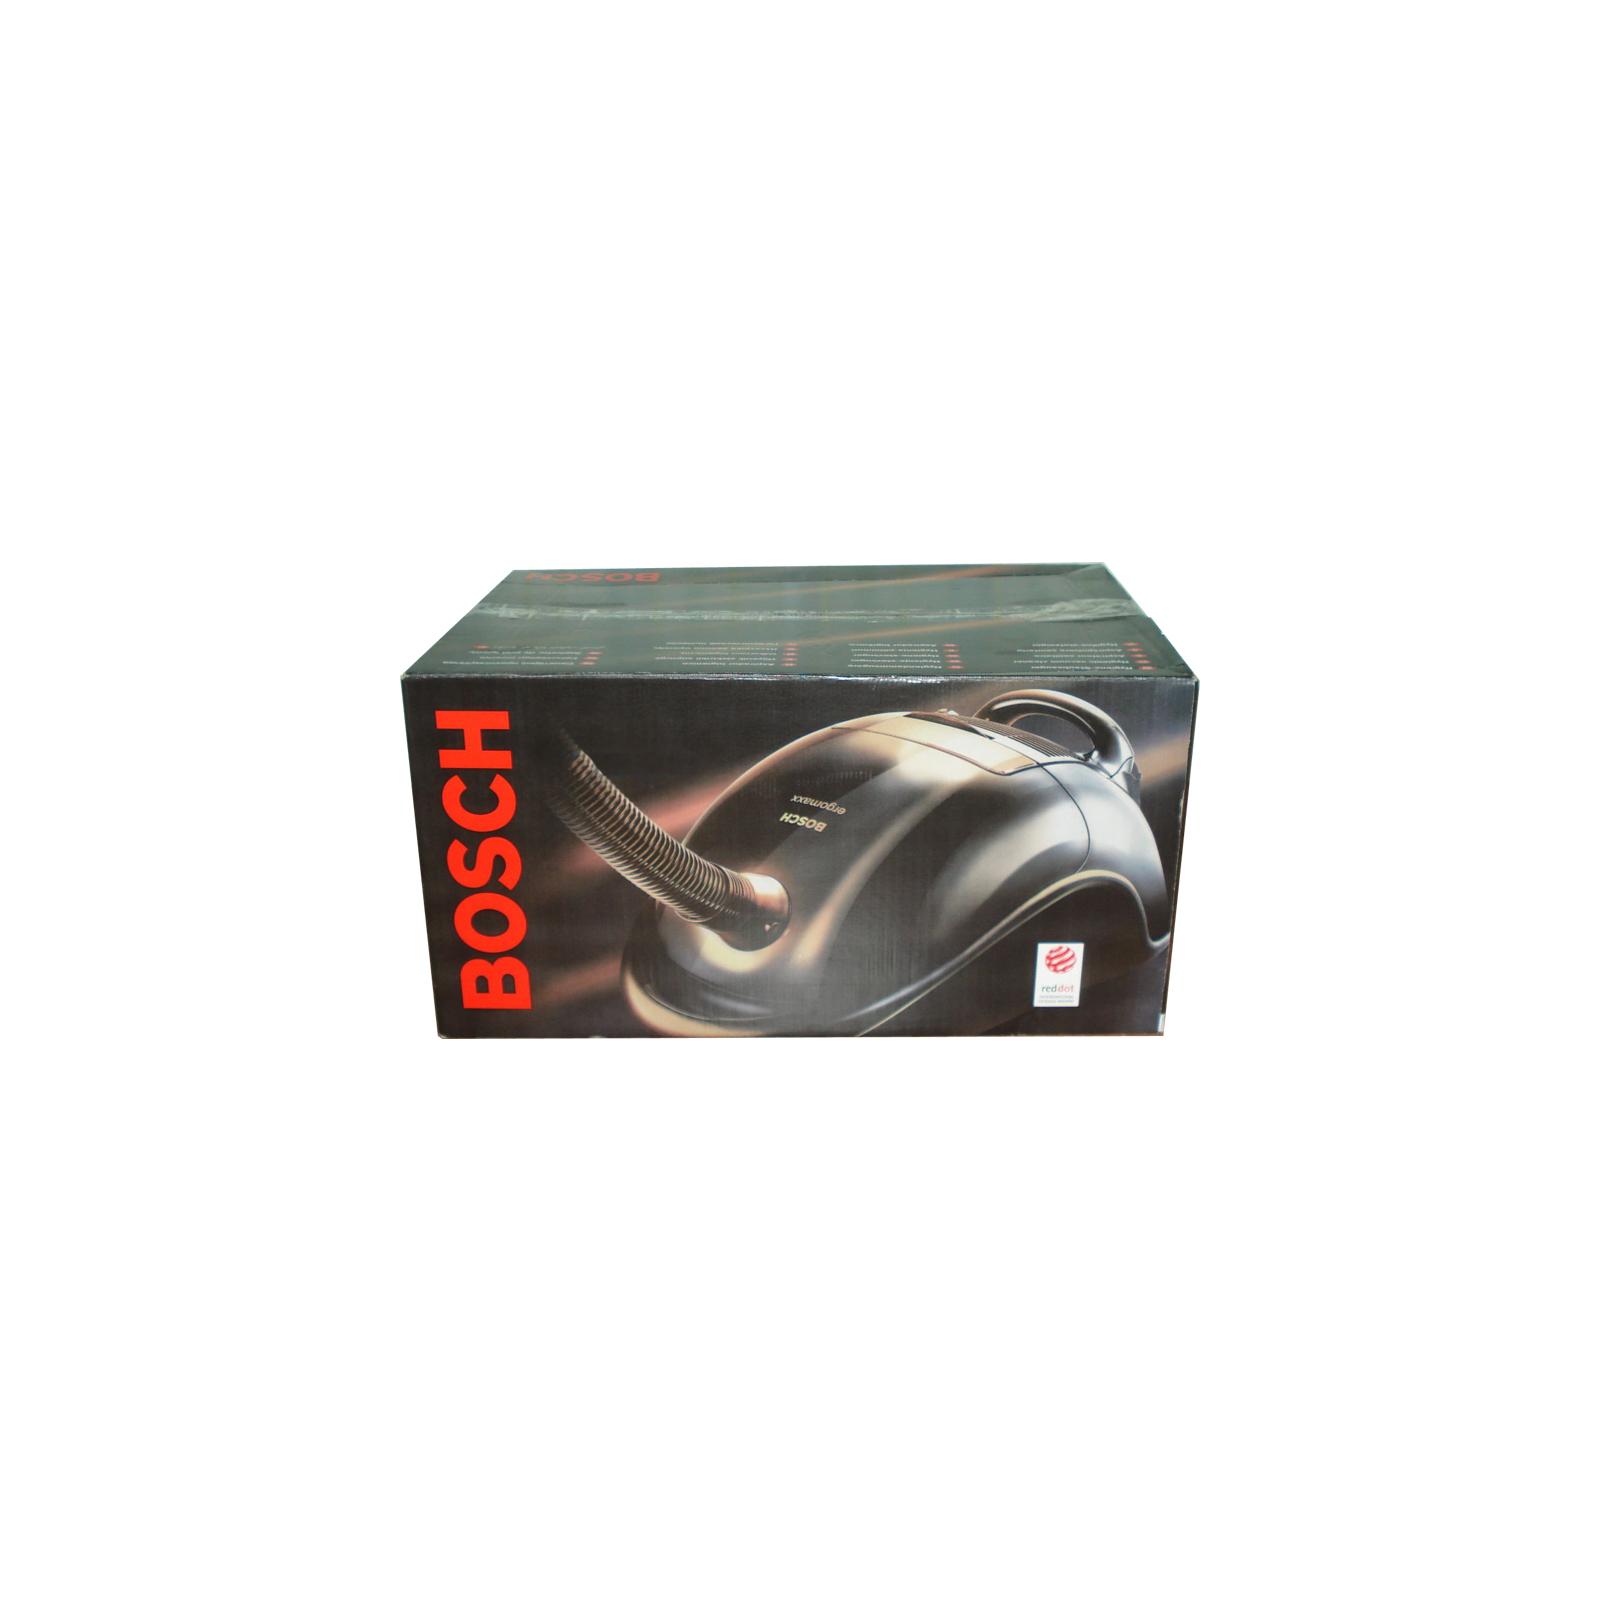 Пылесос BOSCH BSG 82480 (BSG82480) изображение 8